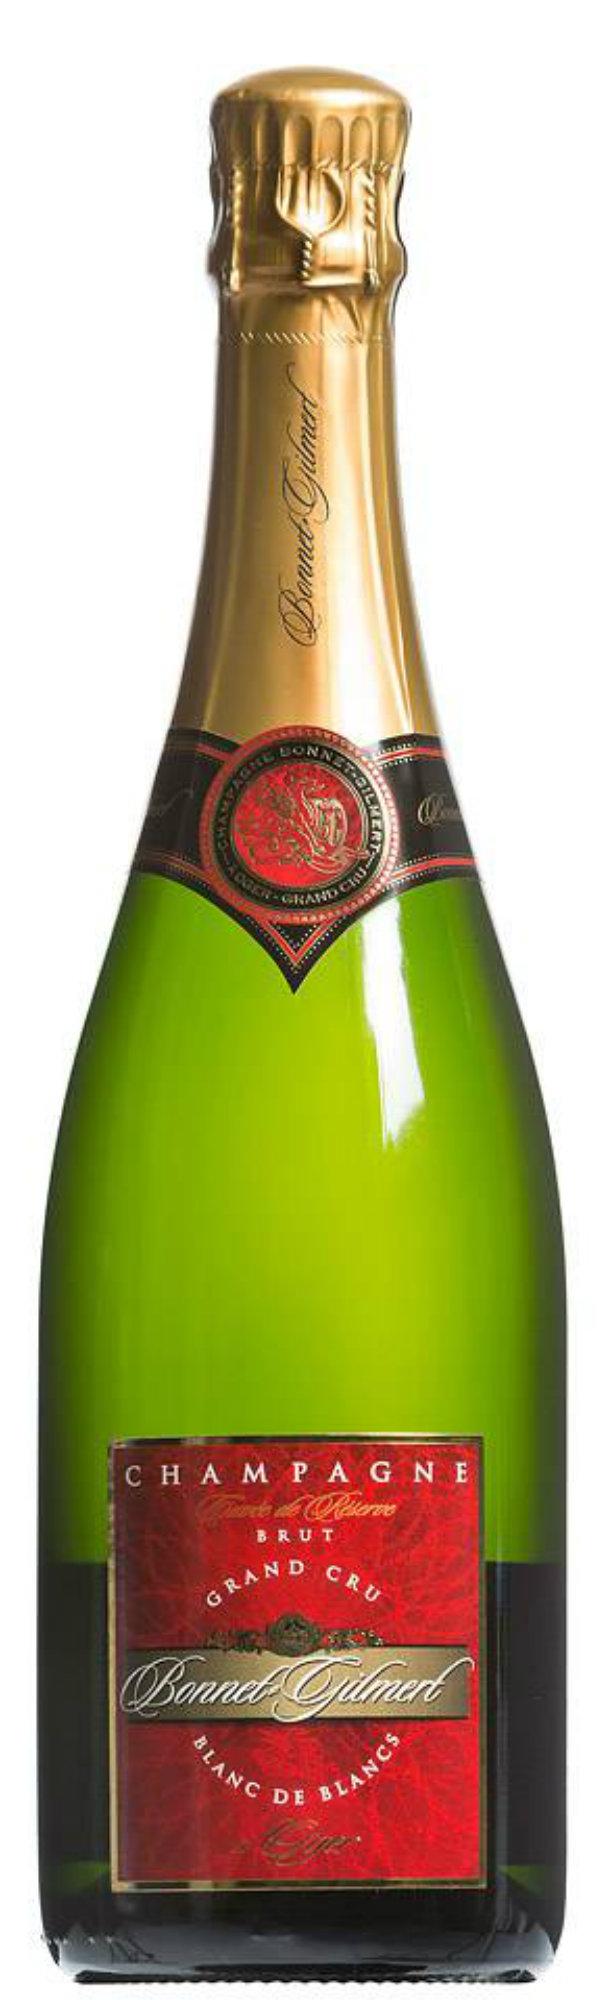 Bonnet Gilmert Champagne Reserve Brut